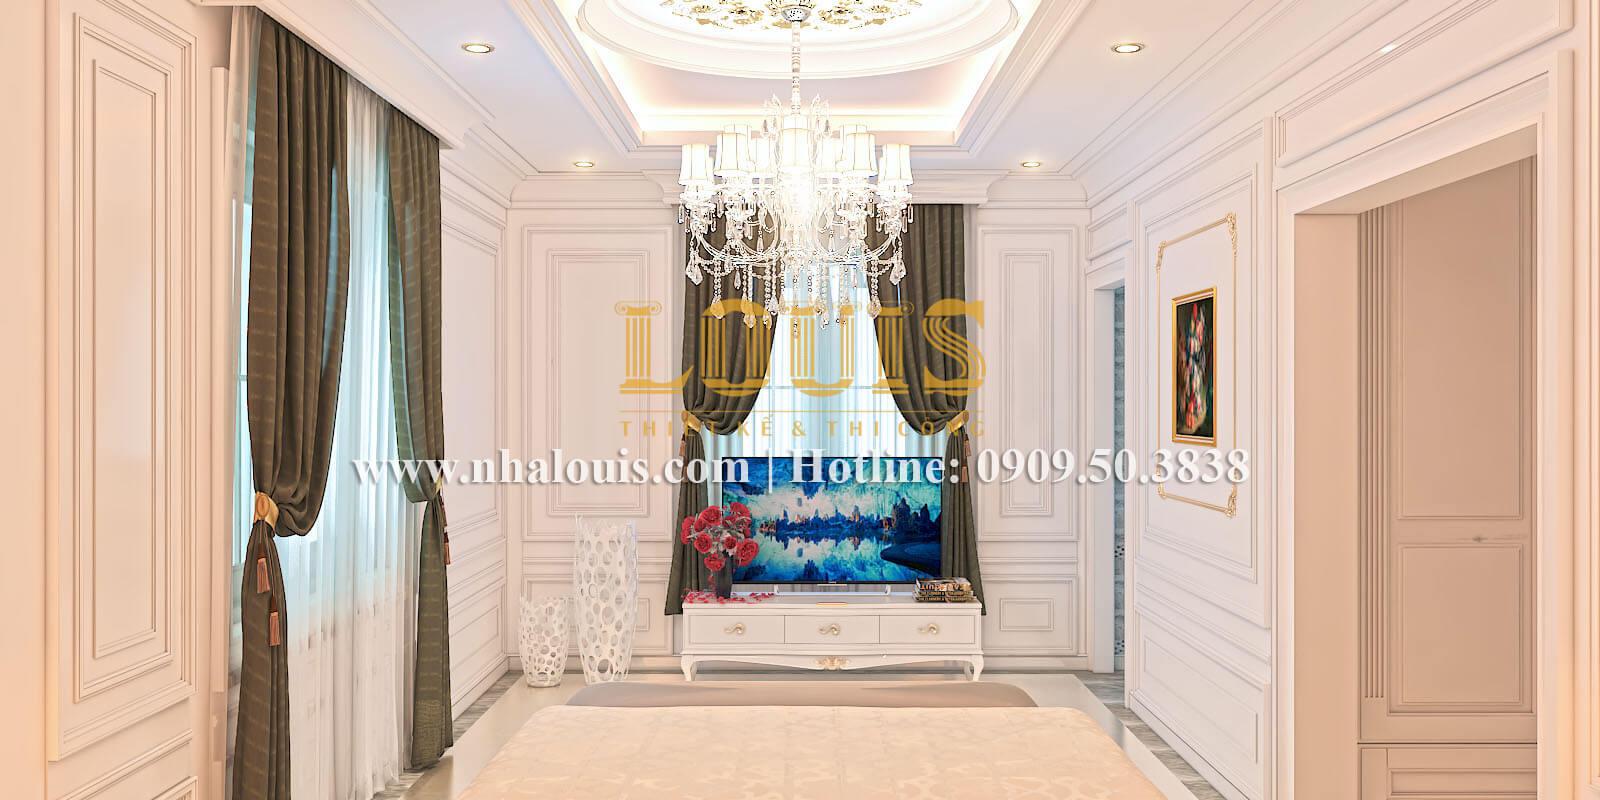 Phòng ngủ biệt thự cổ điển kiểu Pháp đẳng cấp tại Đồng Nai